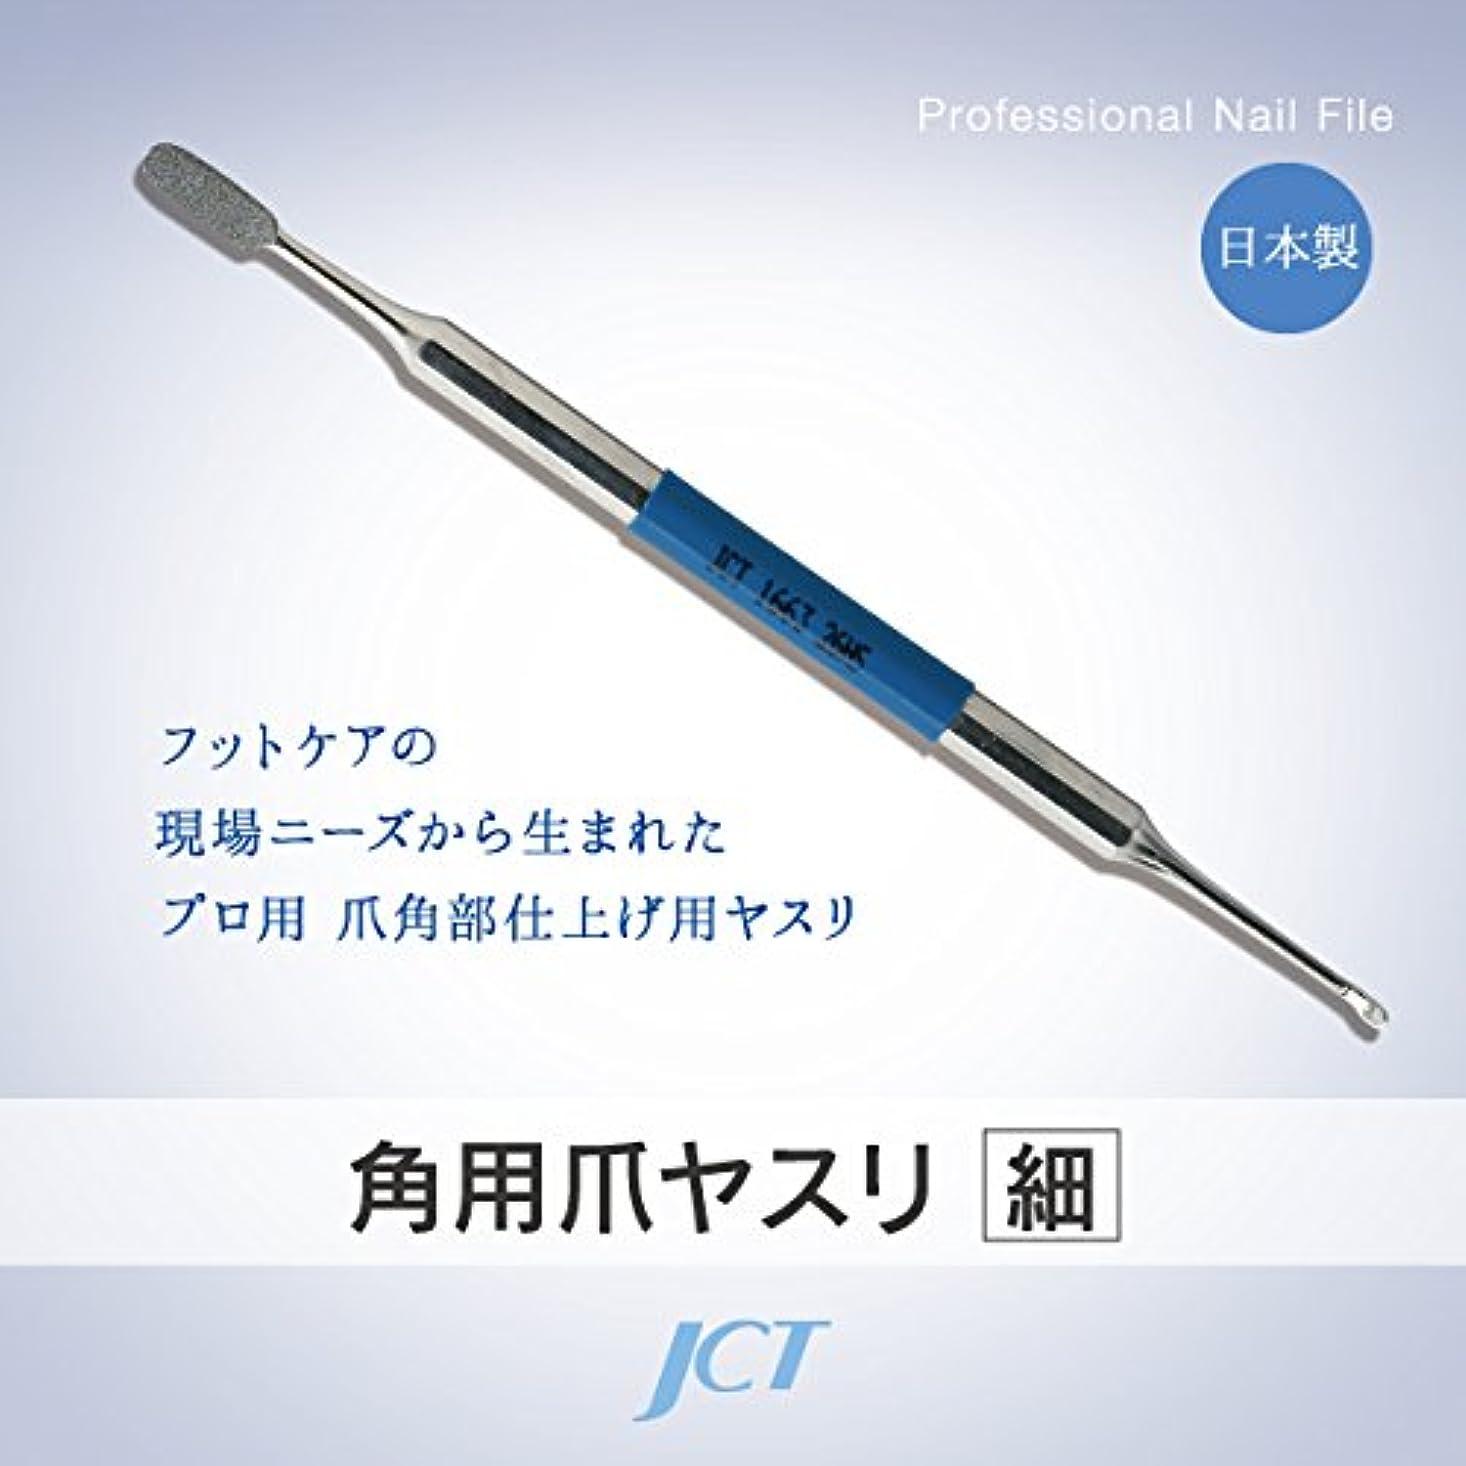 セメントごみディレクトリJCT メディカル フットケア ダイヤモンド角用爪ヤスリ(細) 滅菌可 日本製 1年間保証付